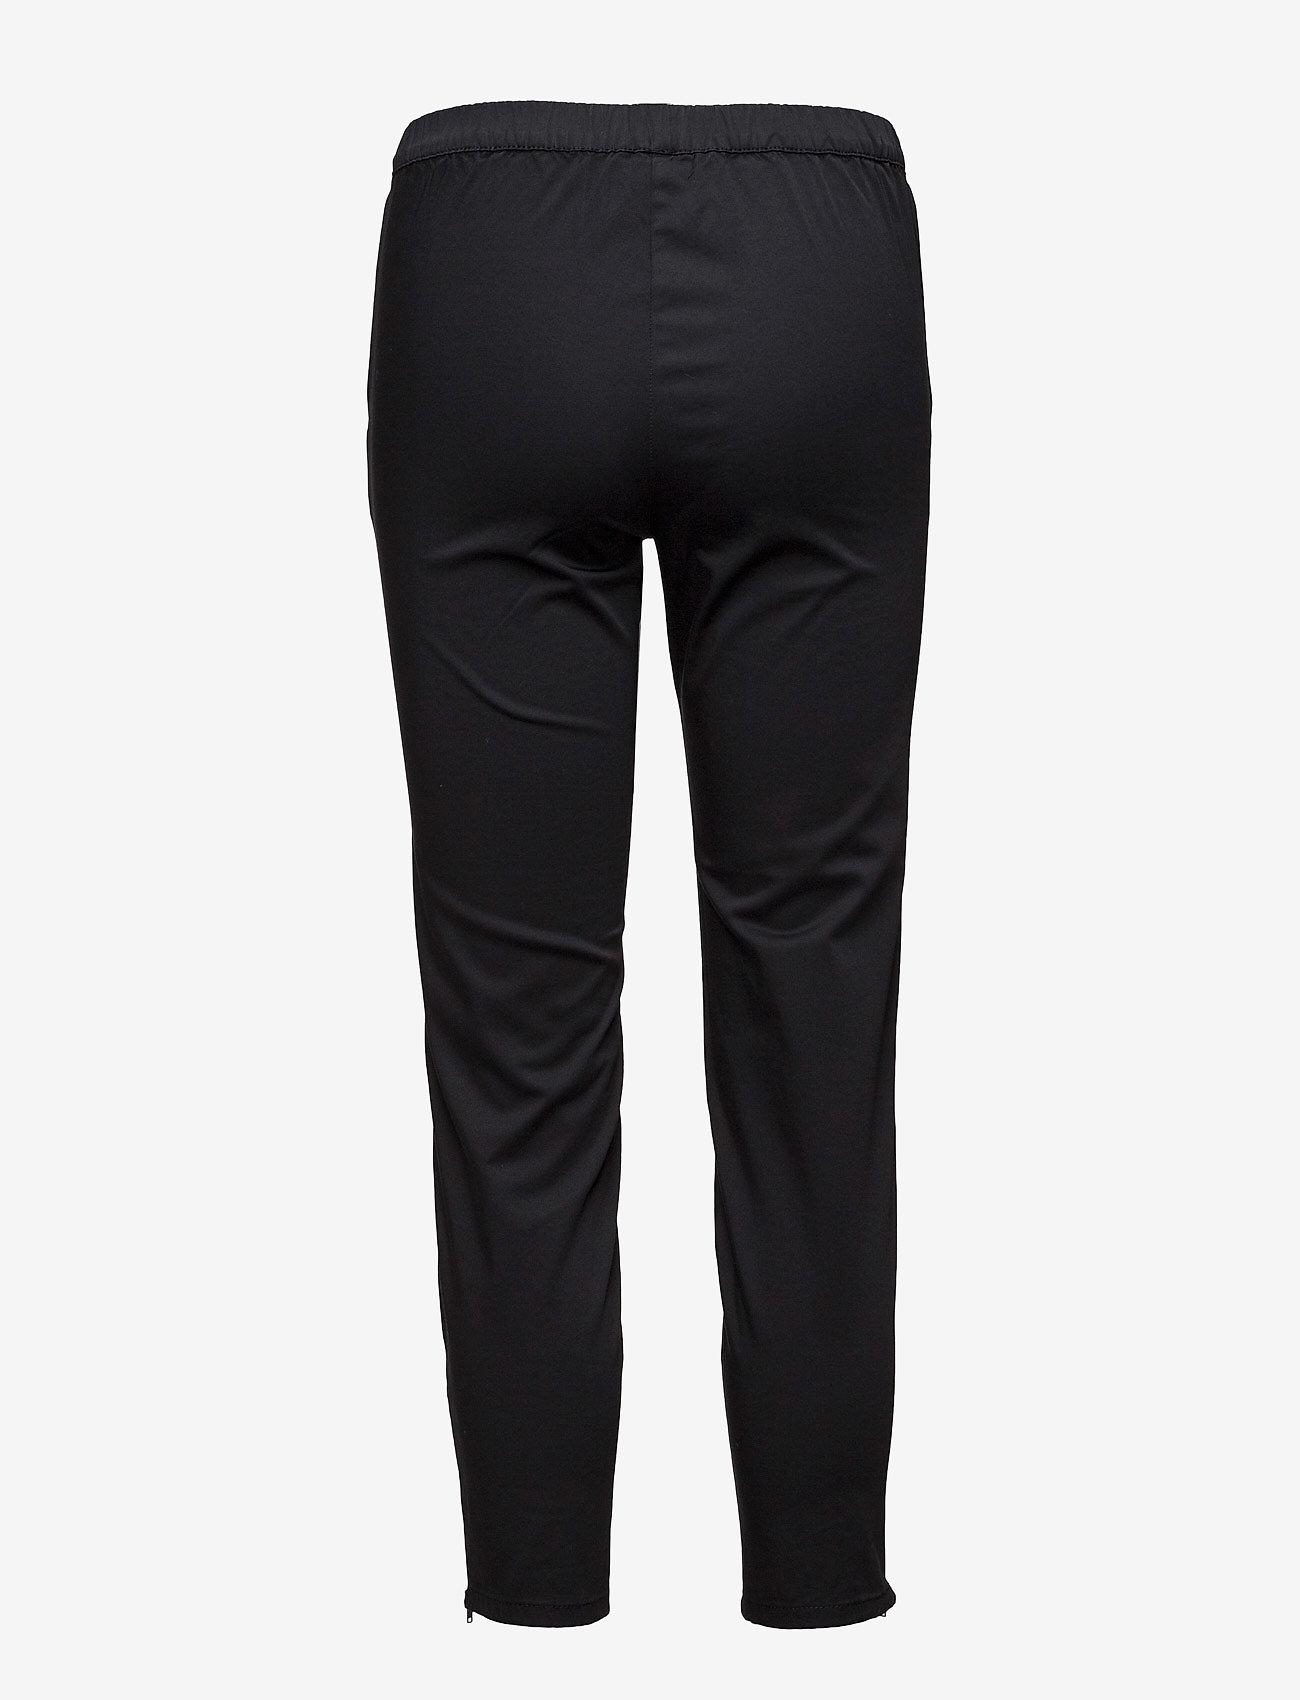 Masai - Padme - spodnie proste - black - 1